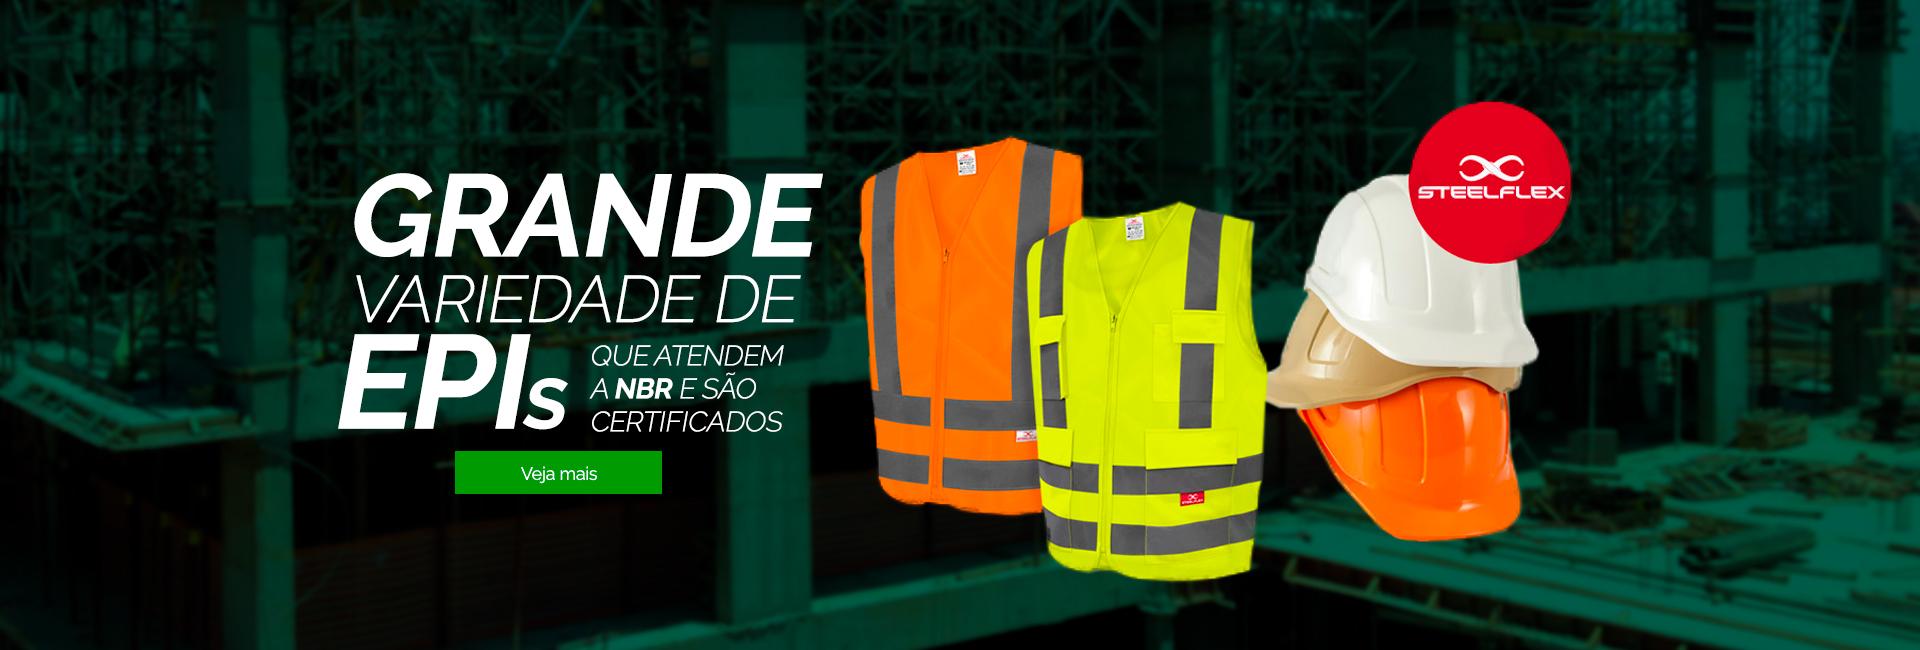 5930d4ddc58b9 Epi MT - Equipamentos de Proteção Individual - EPIs Rondonópolis